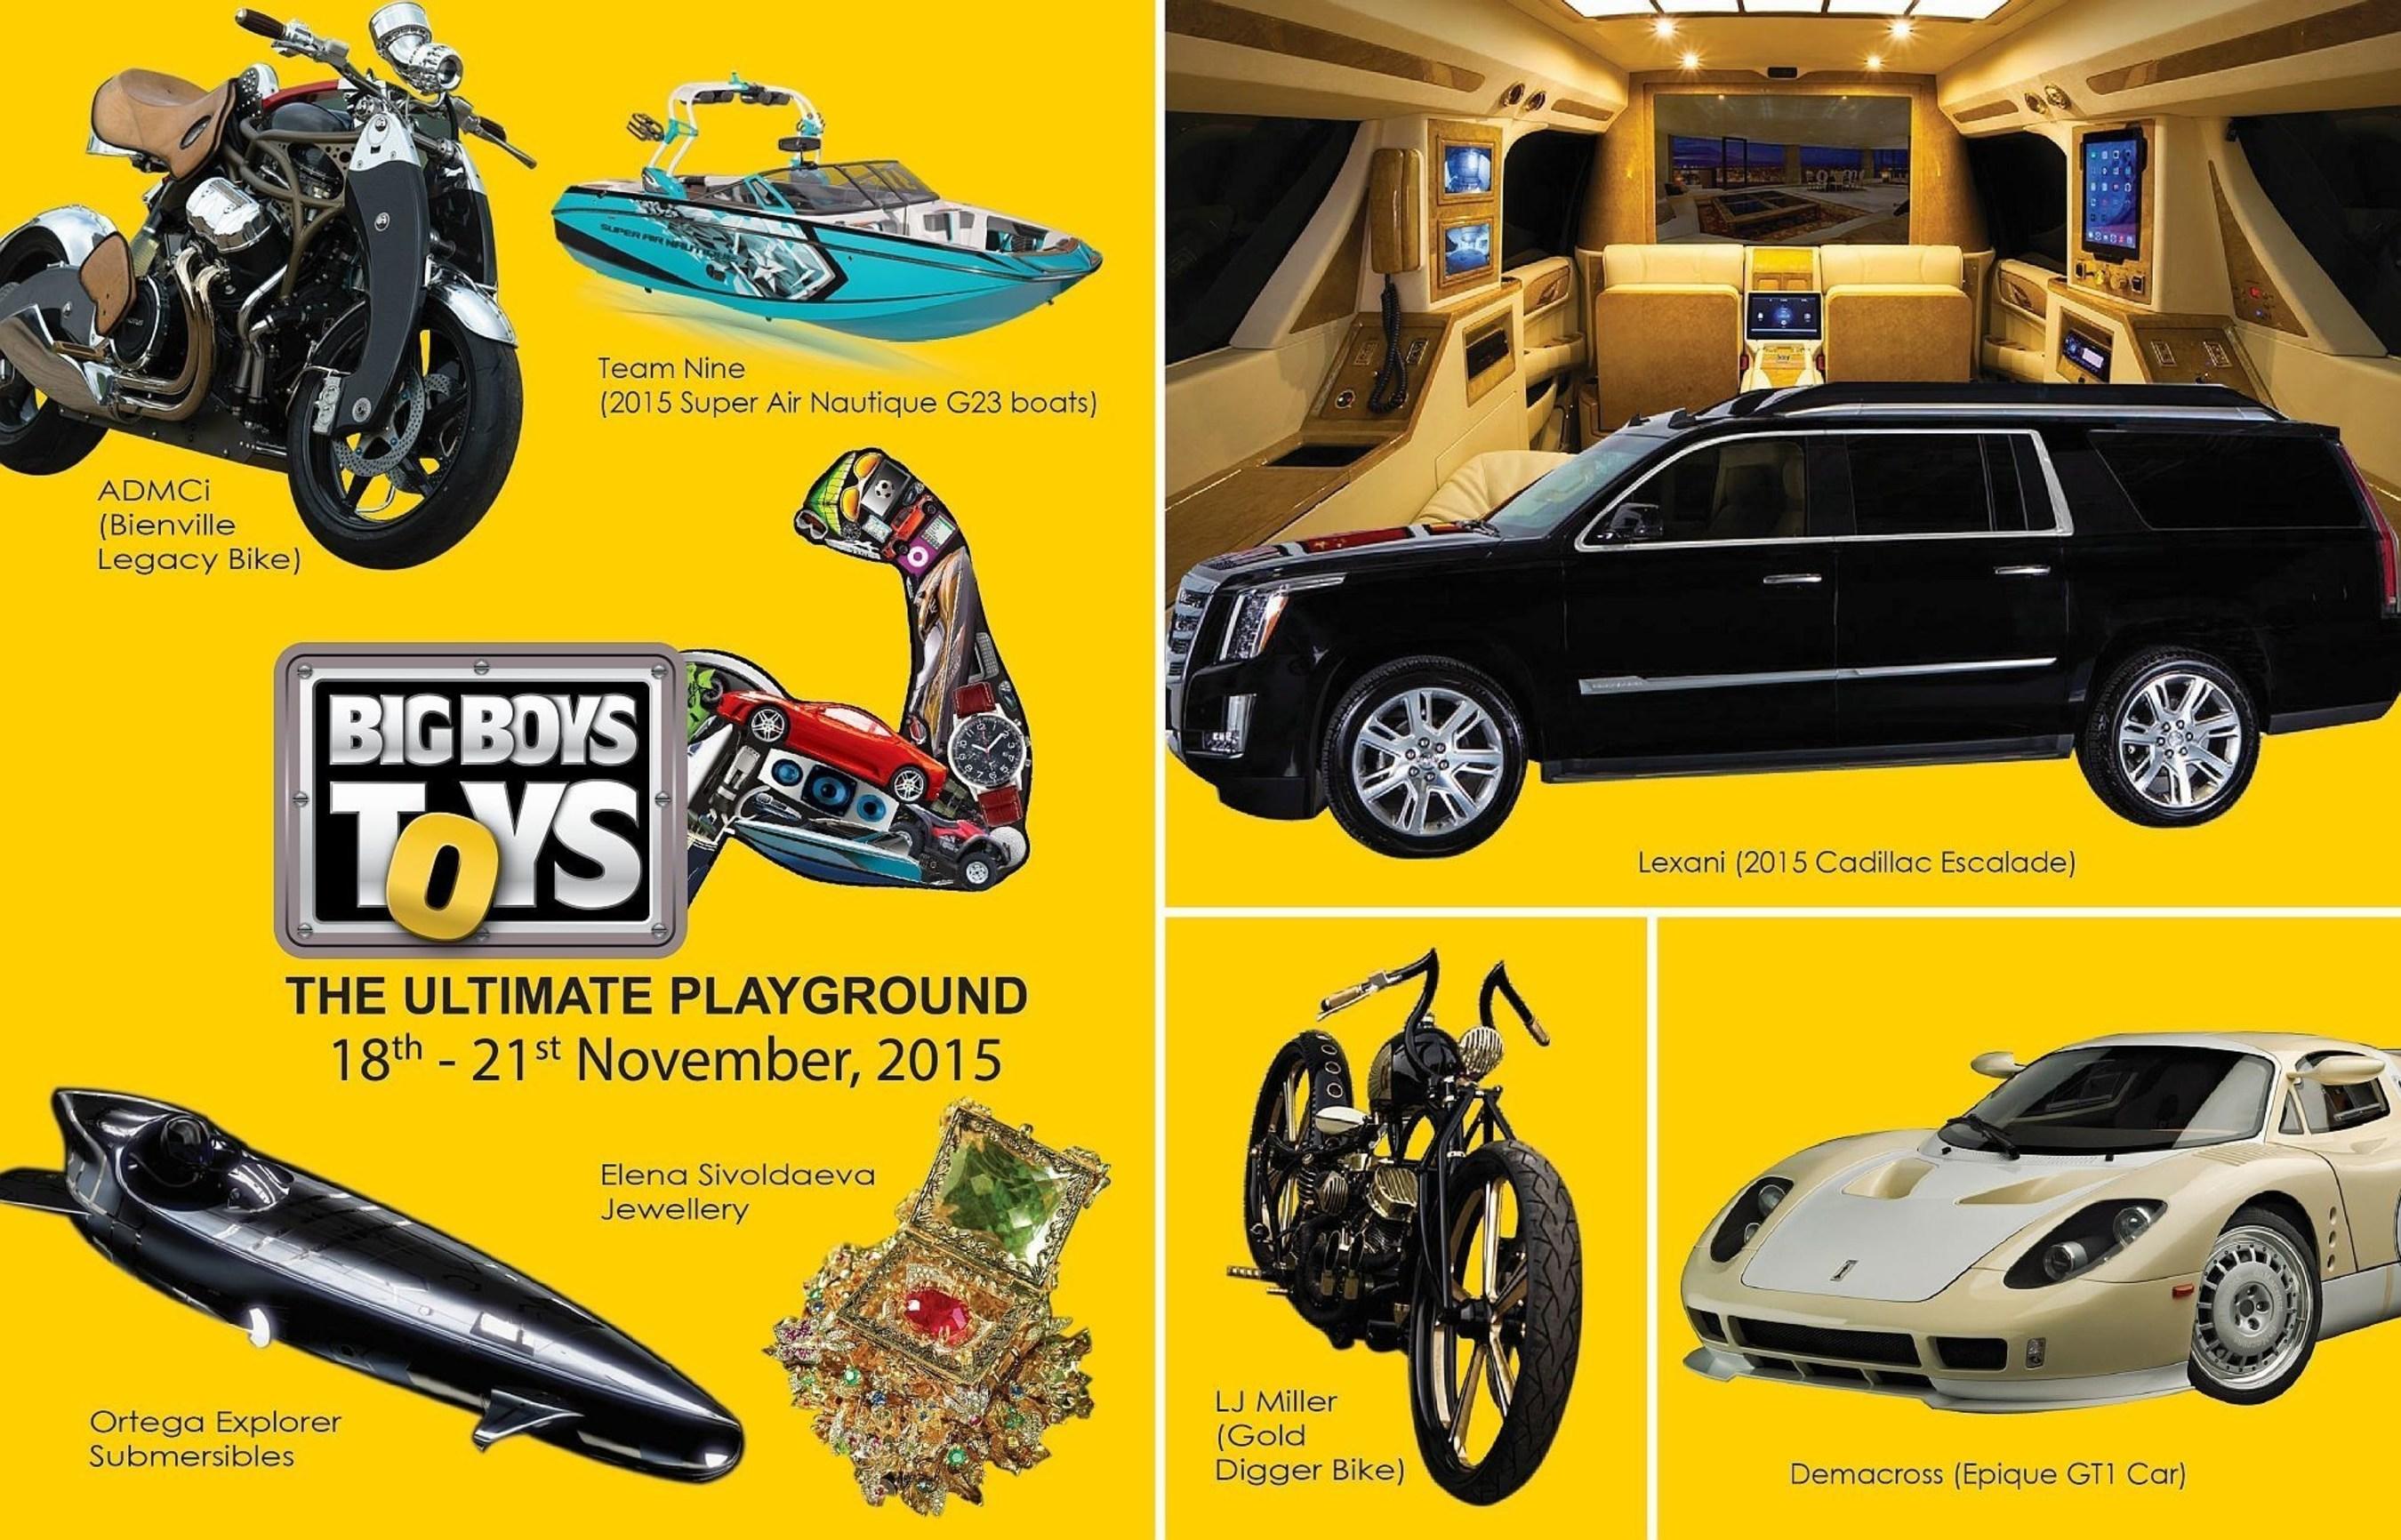 Motocicleta de US$ 250.000 será lançada na 6a edição da Big Boys Toys